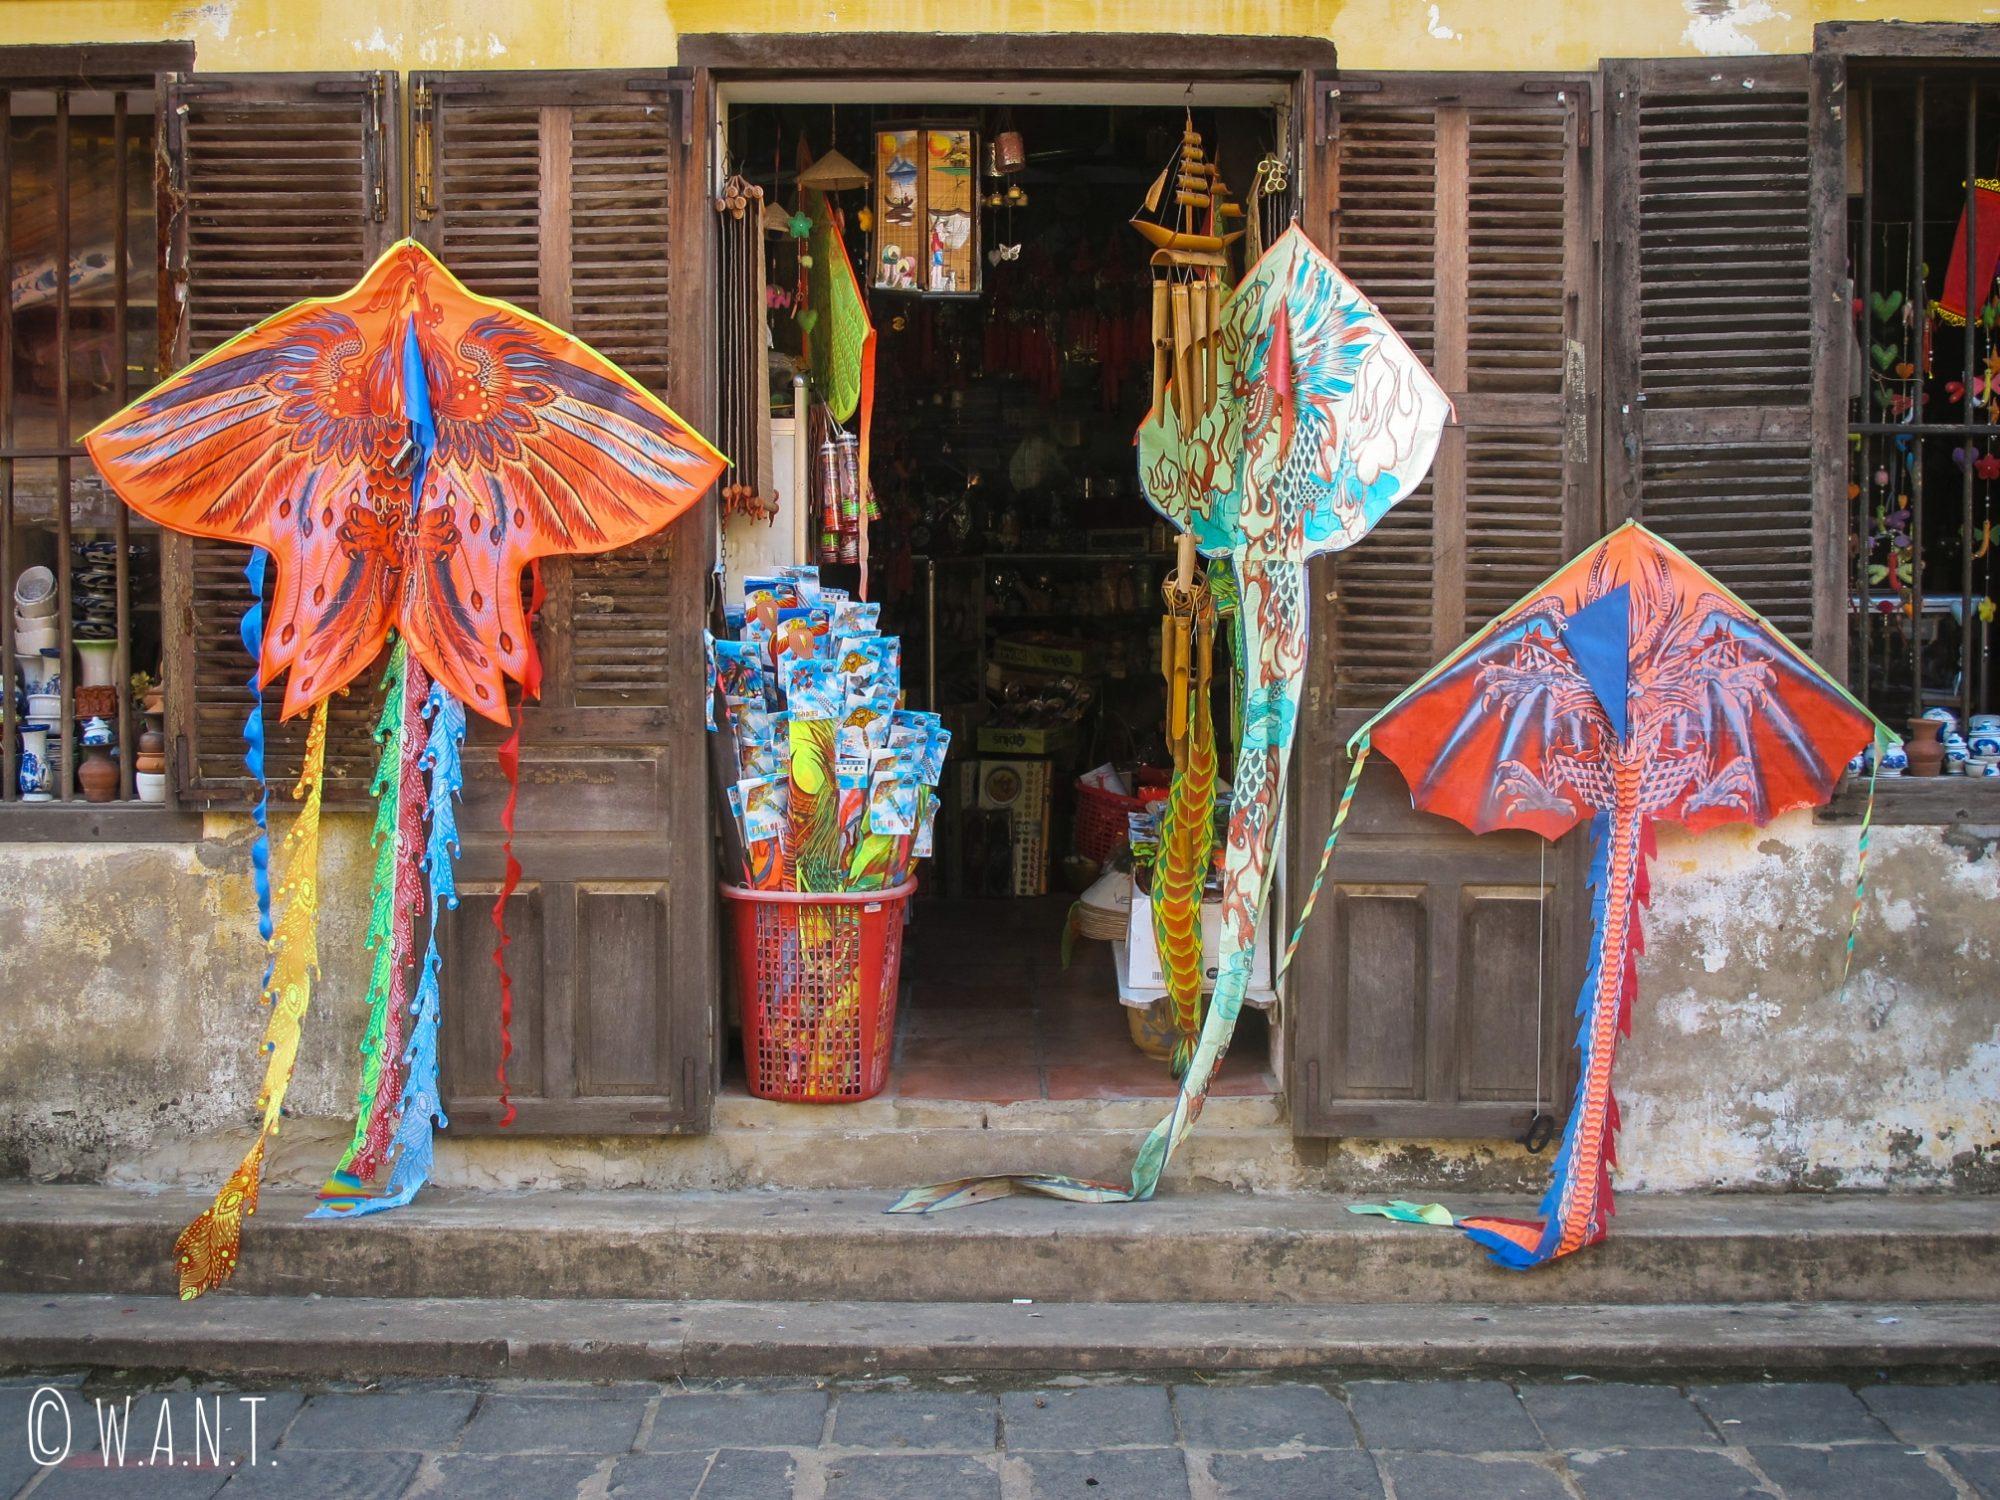 Boutique de souvenirs de la vieille ville de Hoi An